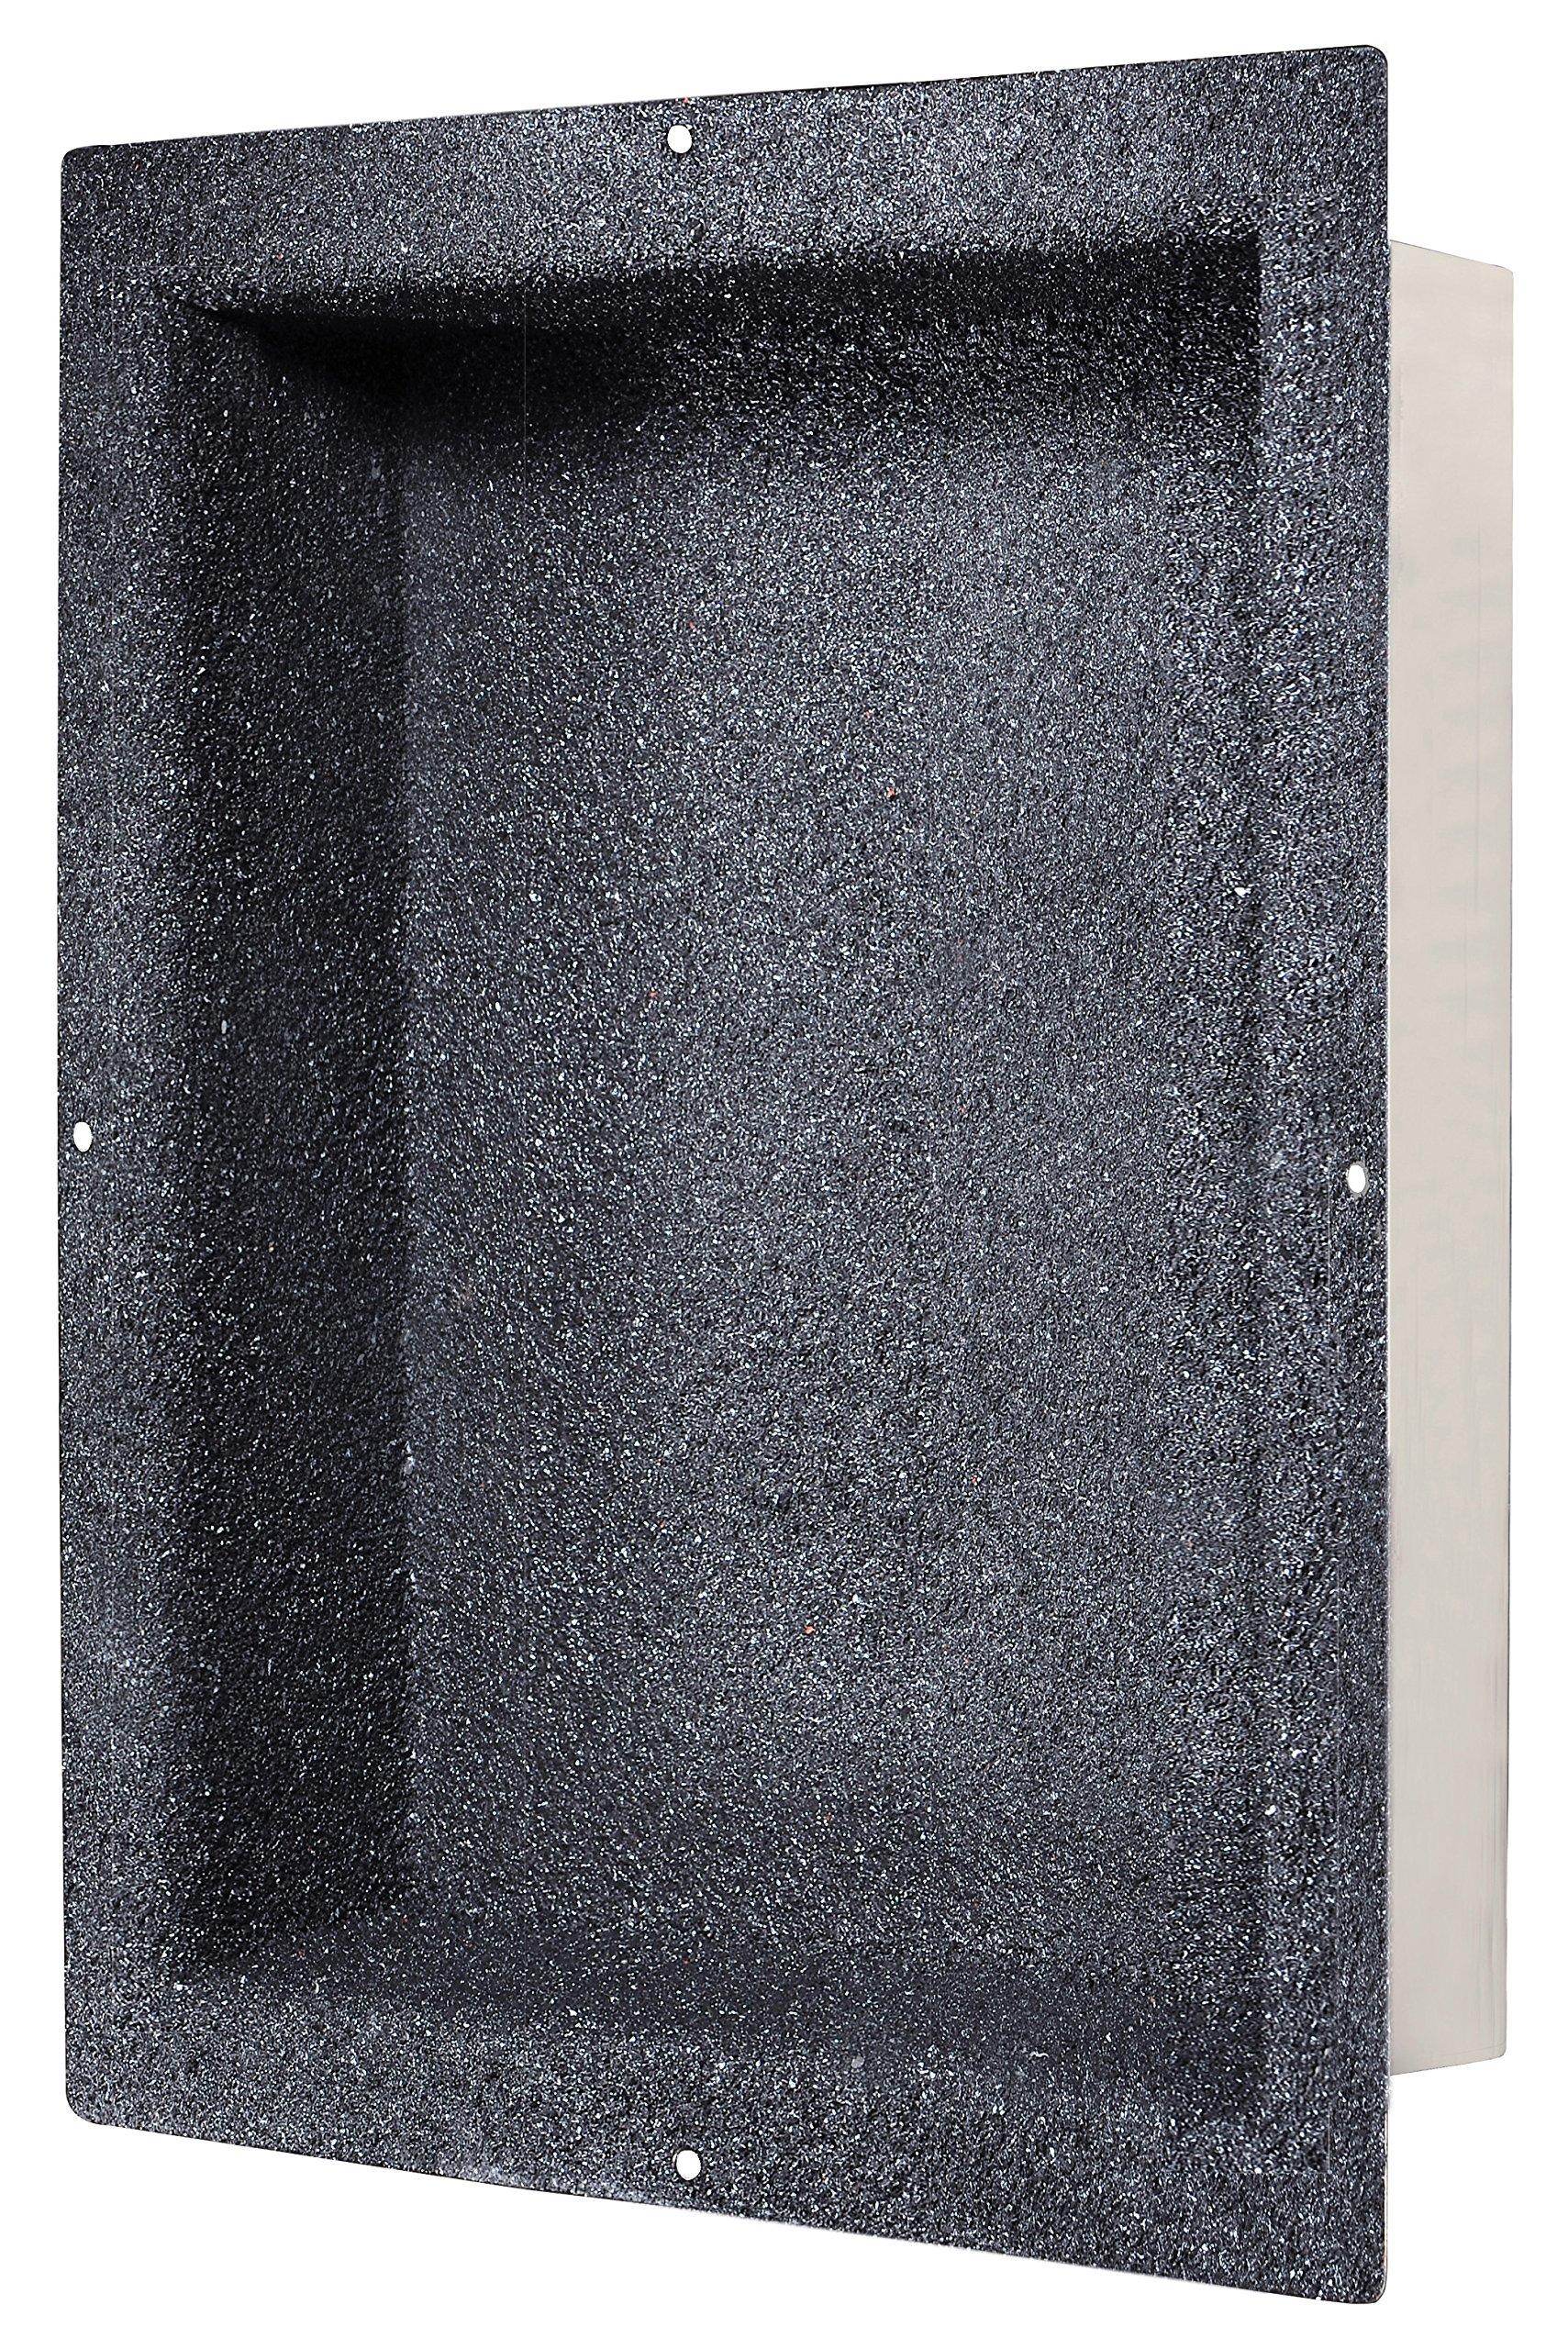 Dawn NI140903 Stainless steel Shower Niche,, 14'' x 9''